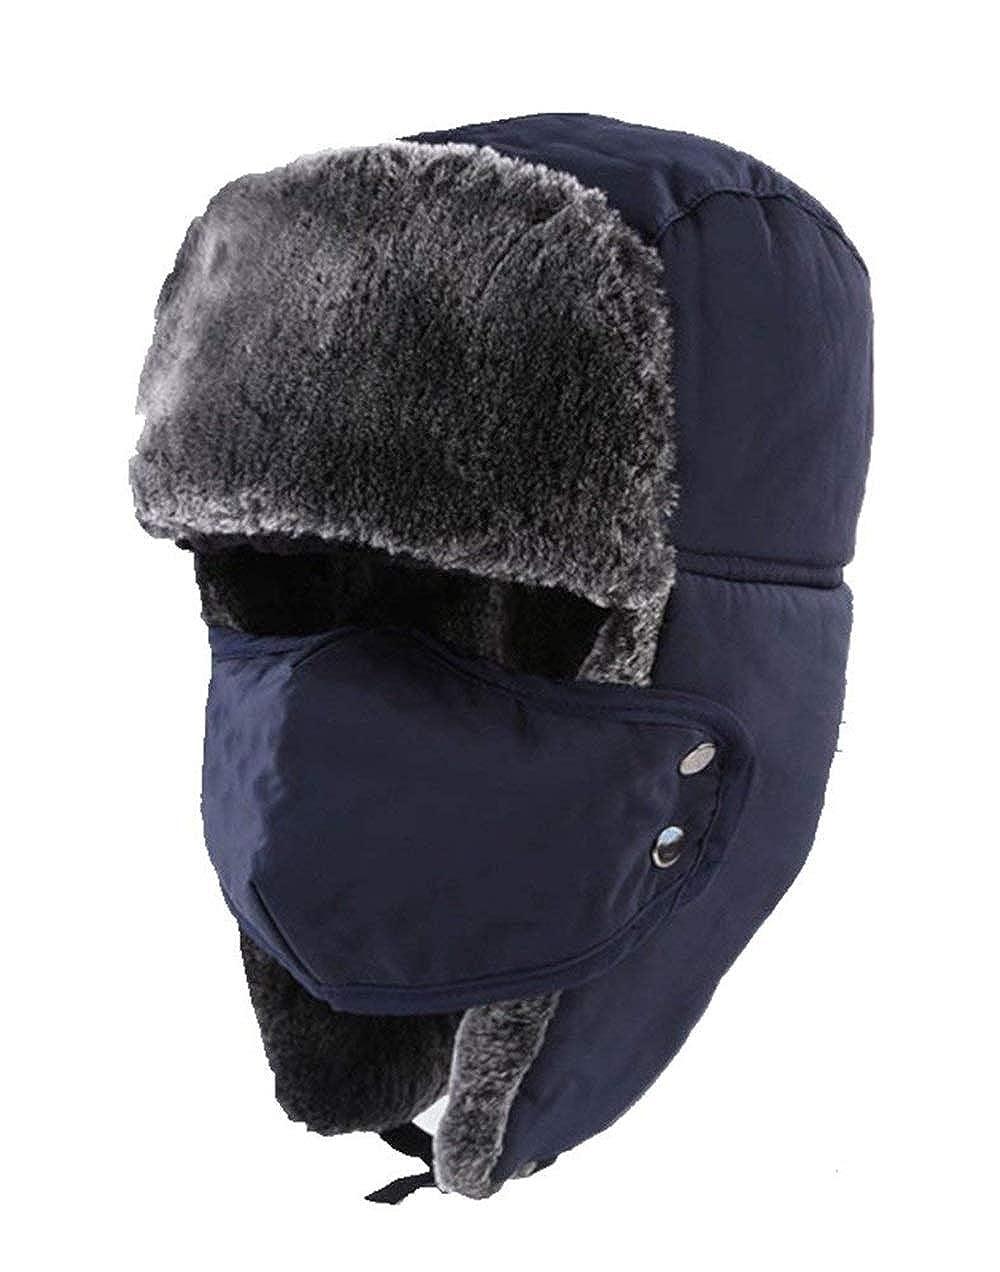 Cappello da Bombardiere Russo con Aviatore Urbano Classico Trooper Winter Facile Warmer con Paraorecchie Maschera Size : One Size) None